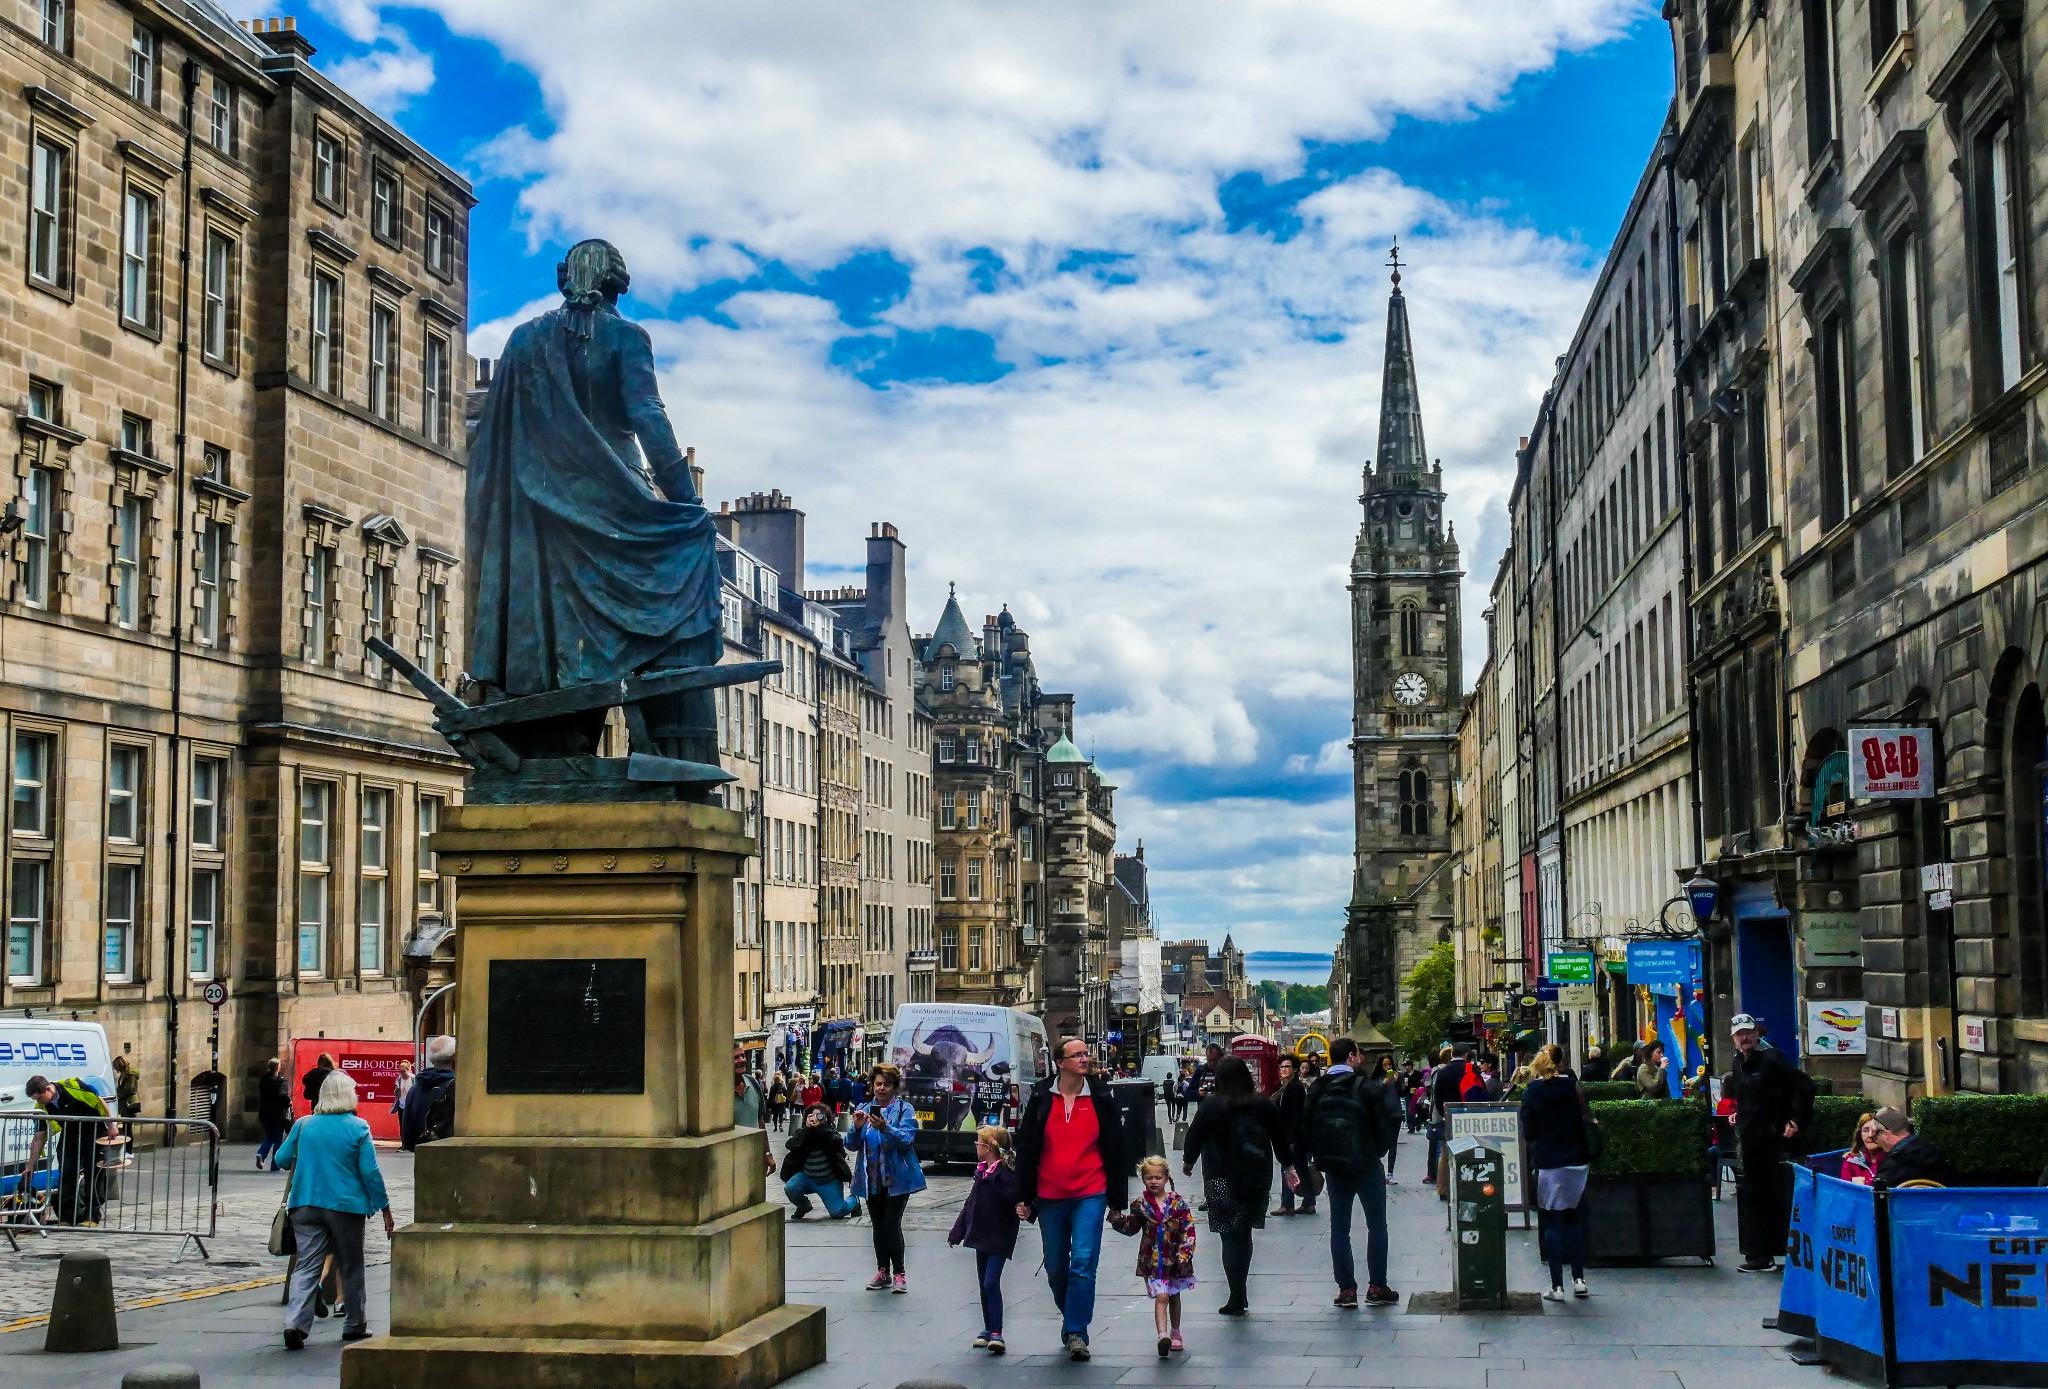 英国·爱丁堡,苏格兰王国的荣耀_游记